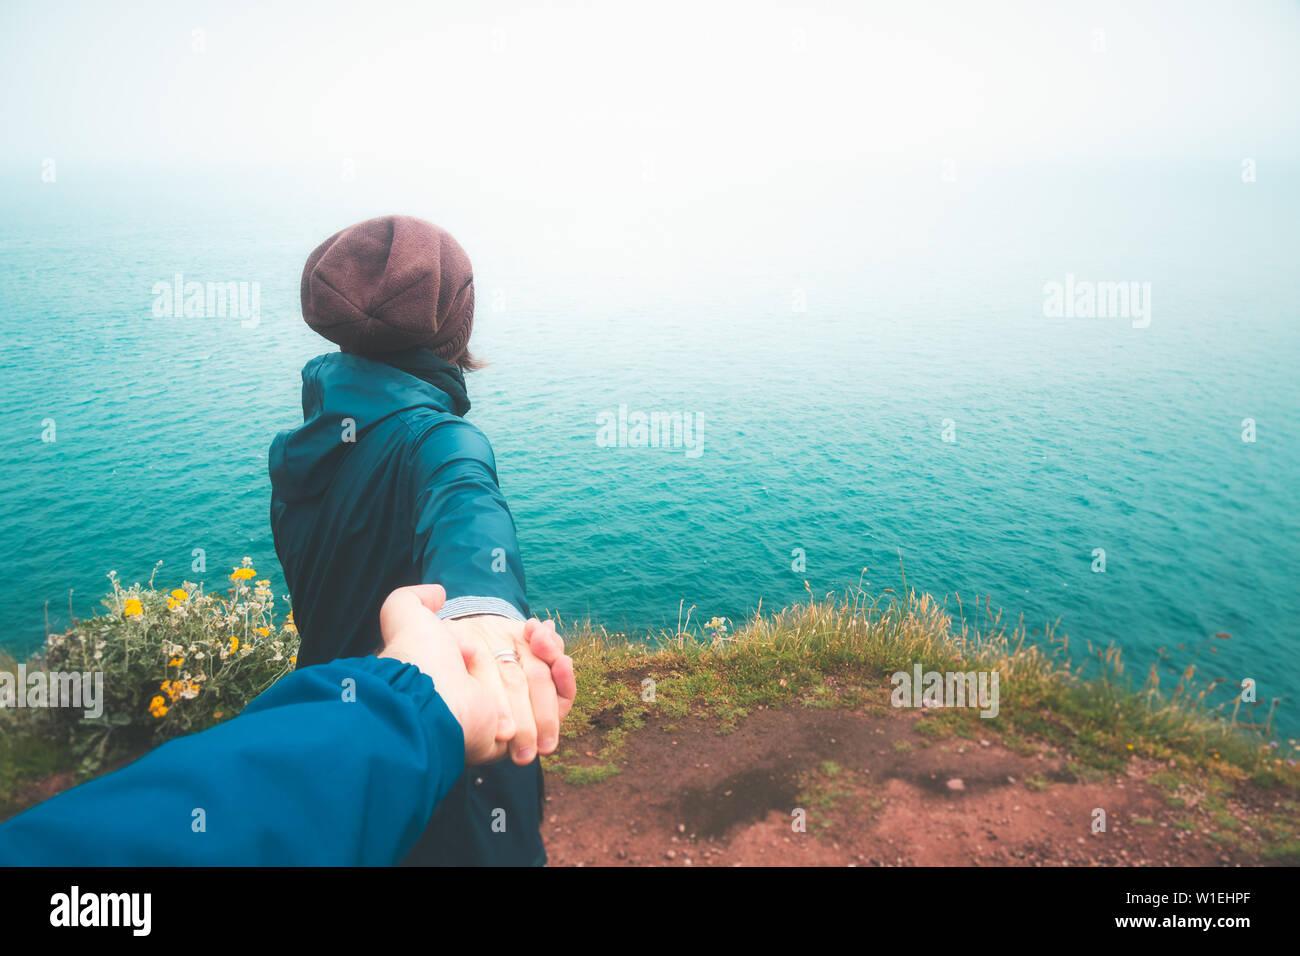 Sígueme. Chica tomando la mano de su novio caminando hacia el borde del acantilado con vistas al mar en un día lluvioso y temperamental. Concepto de viaje al aire libre Foto de stock